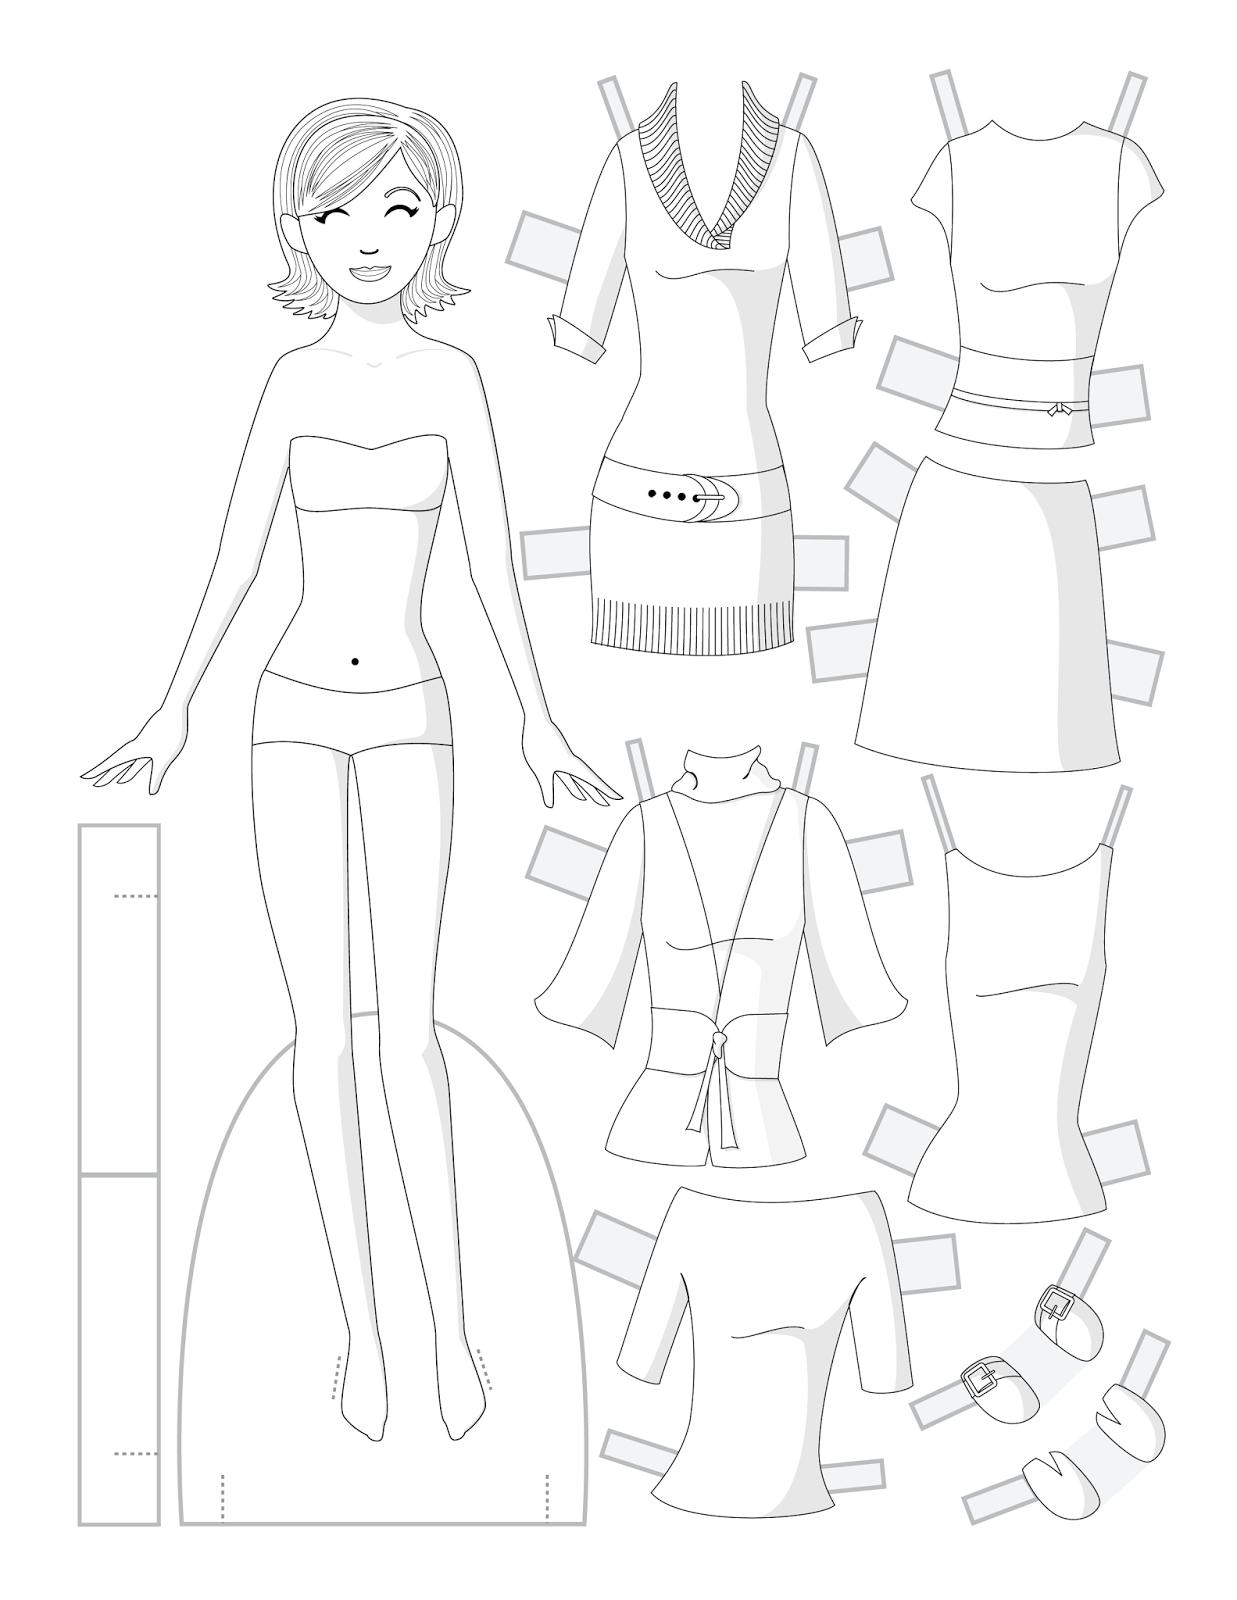 Как сделать куклу из бумаги, бумажные куклы с одеждой 57